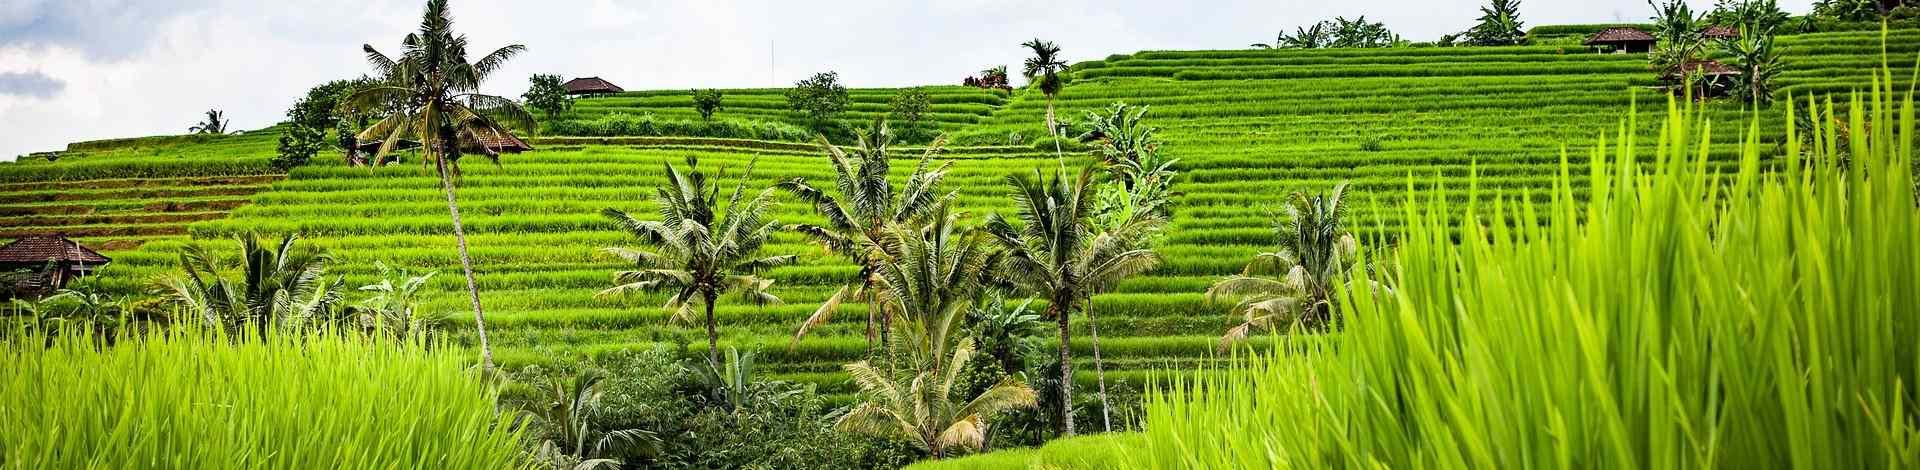 Rizières Bali Jatiluwih nature verdoyante